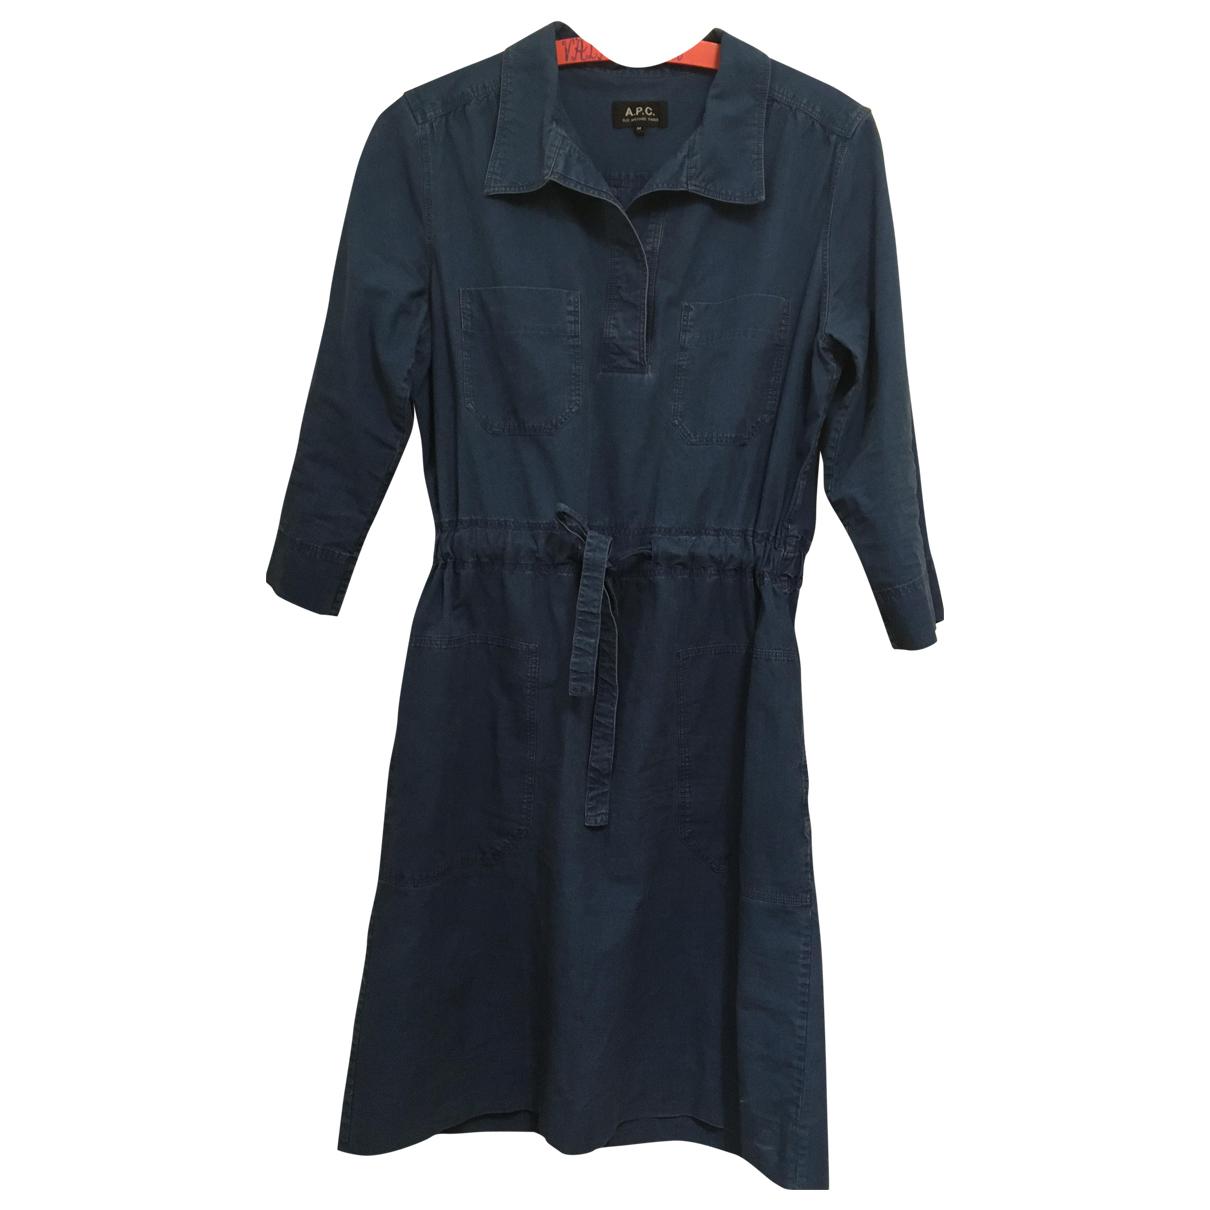 Apc \N Kleid in  Blau Baumwolle